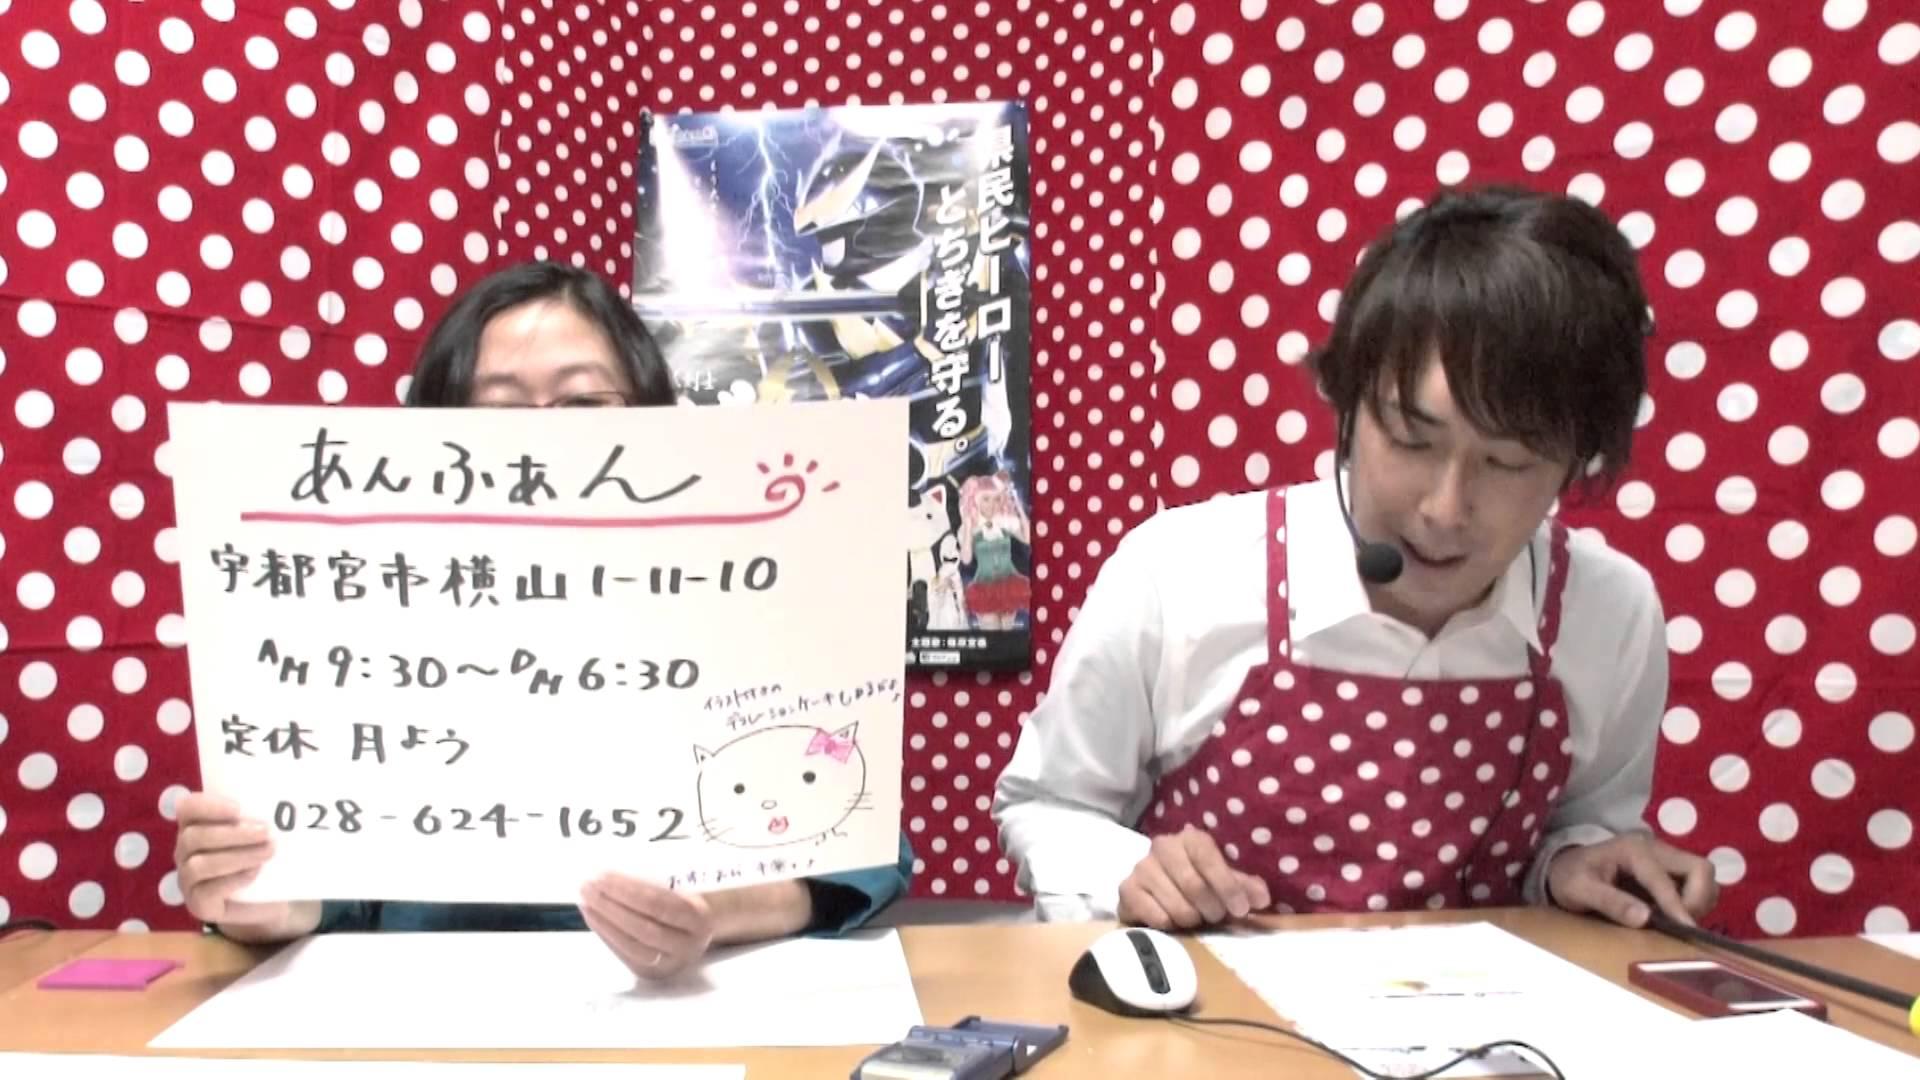 のぶcafe~篠原宣義 2014.4.29